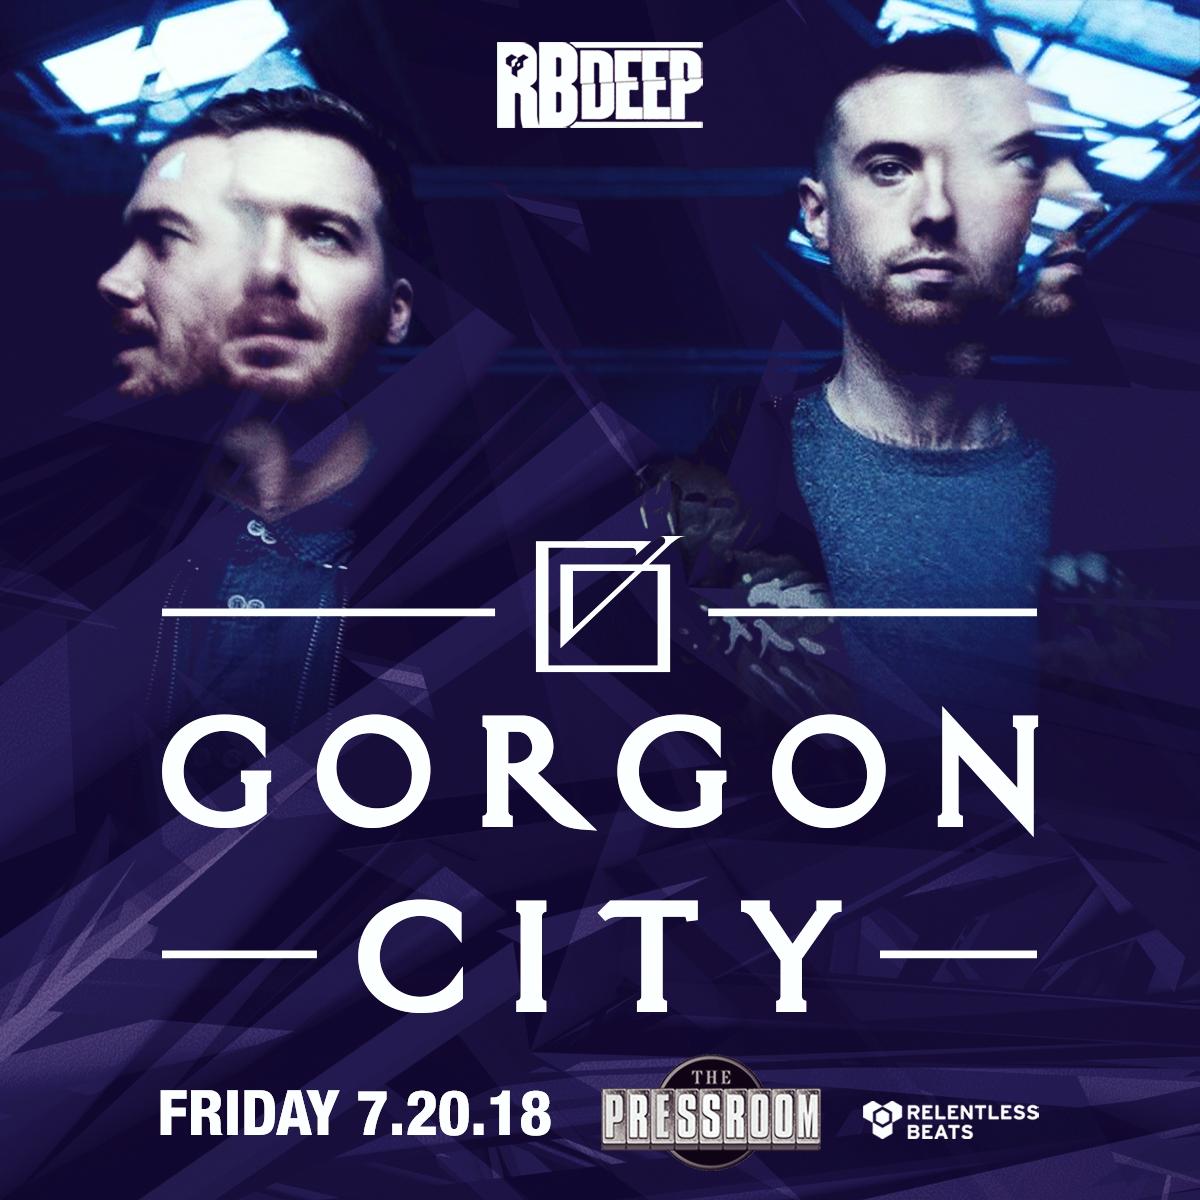 Flyer for Gorgon City